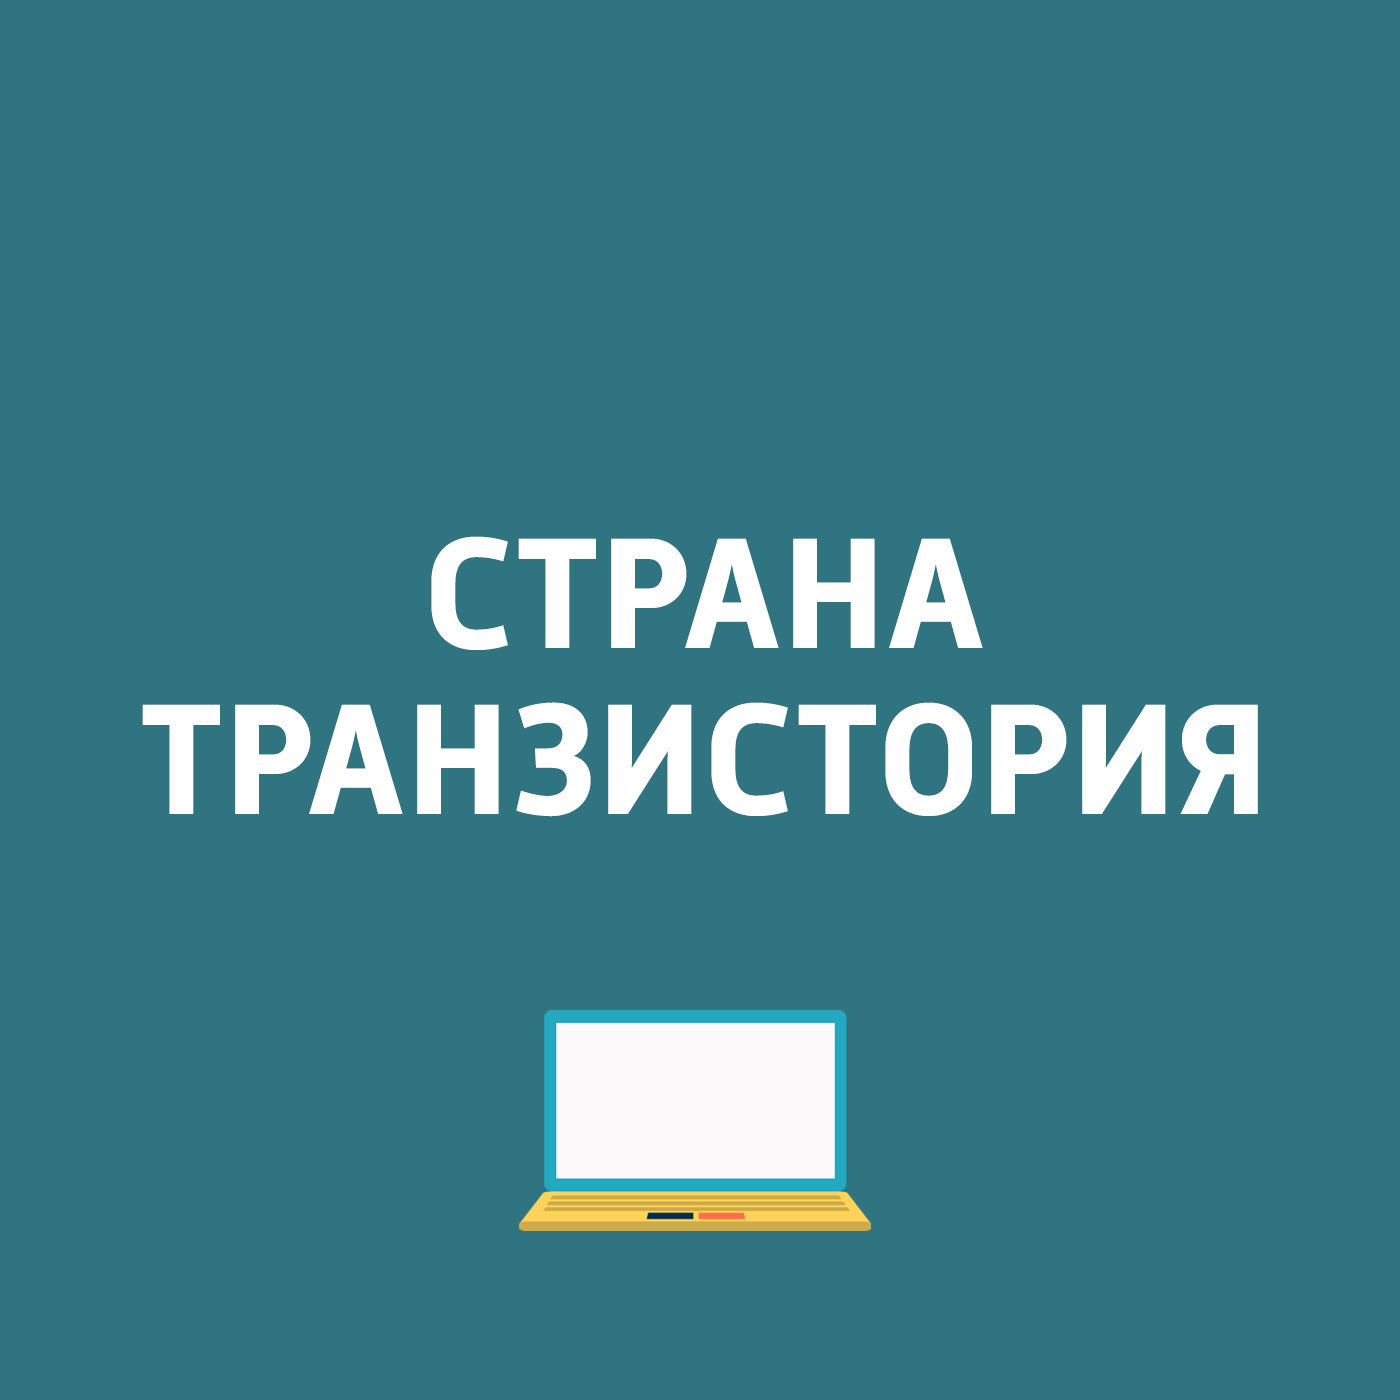 Картаев Павел Блокировка контента, запросы в Яндексе, новый iPhone картаев павел блокировка контента запросы в яндексе новый iphone